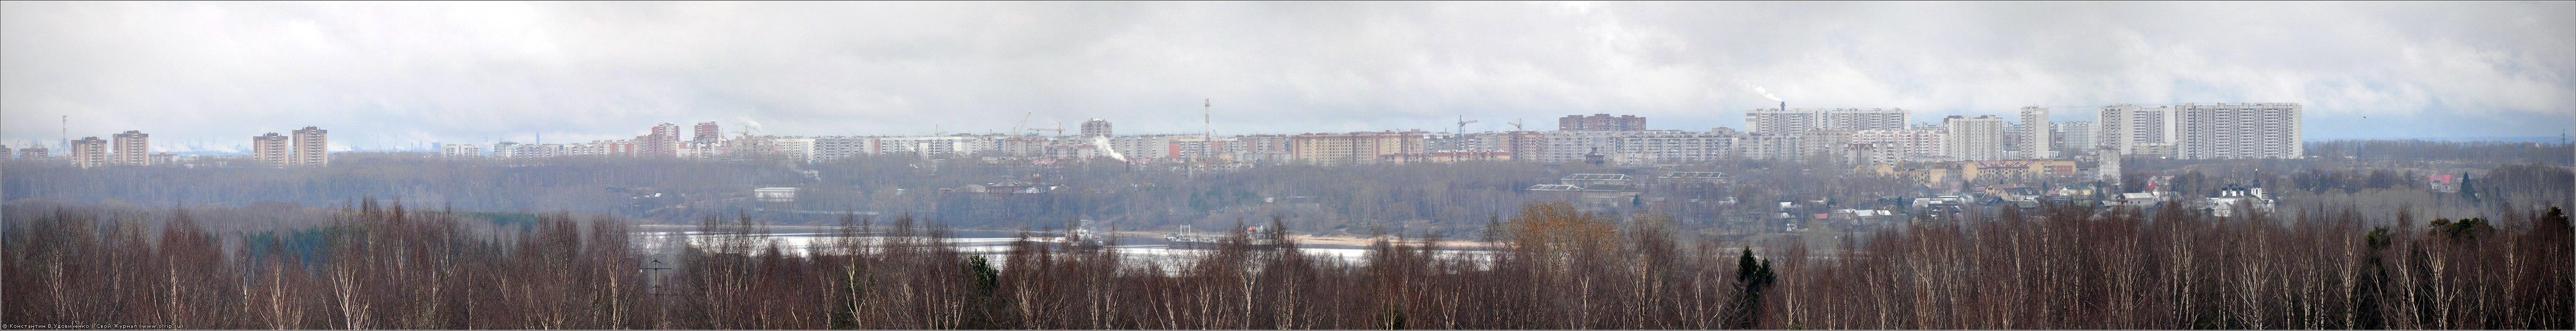 1173-1179-18716x3055s_2.jpg - Заброшенные элеваторы, Ярославль (06.11.2010)